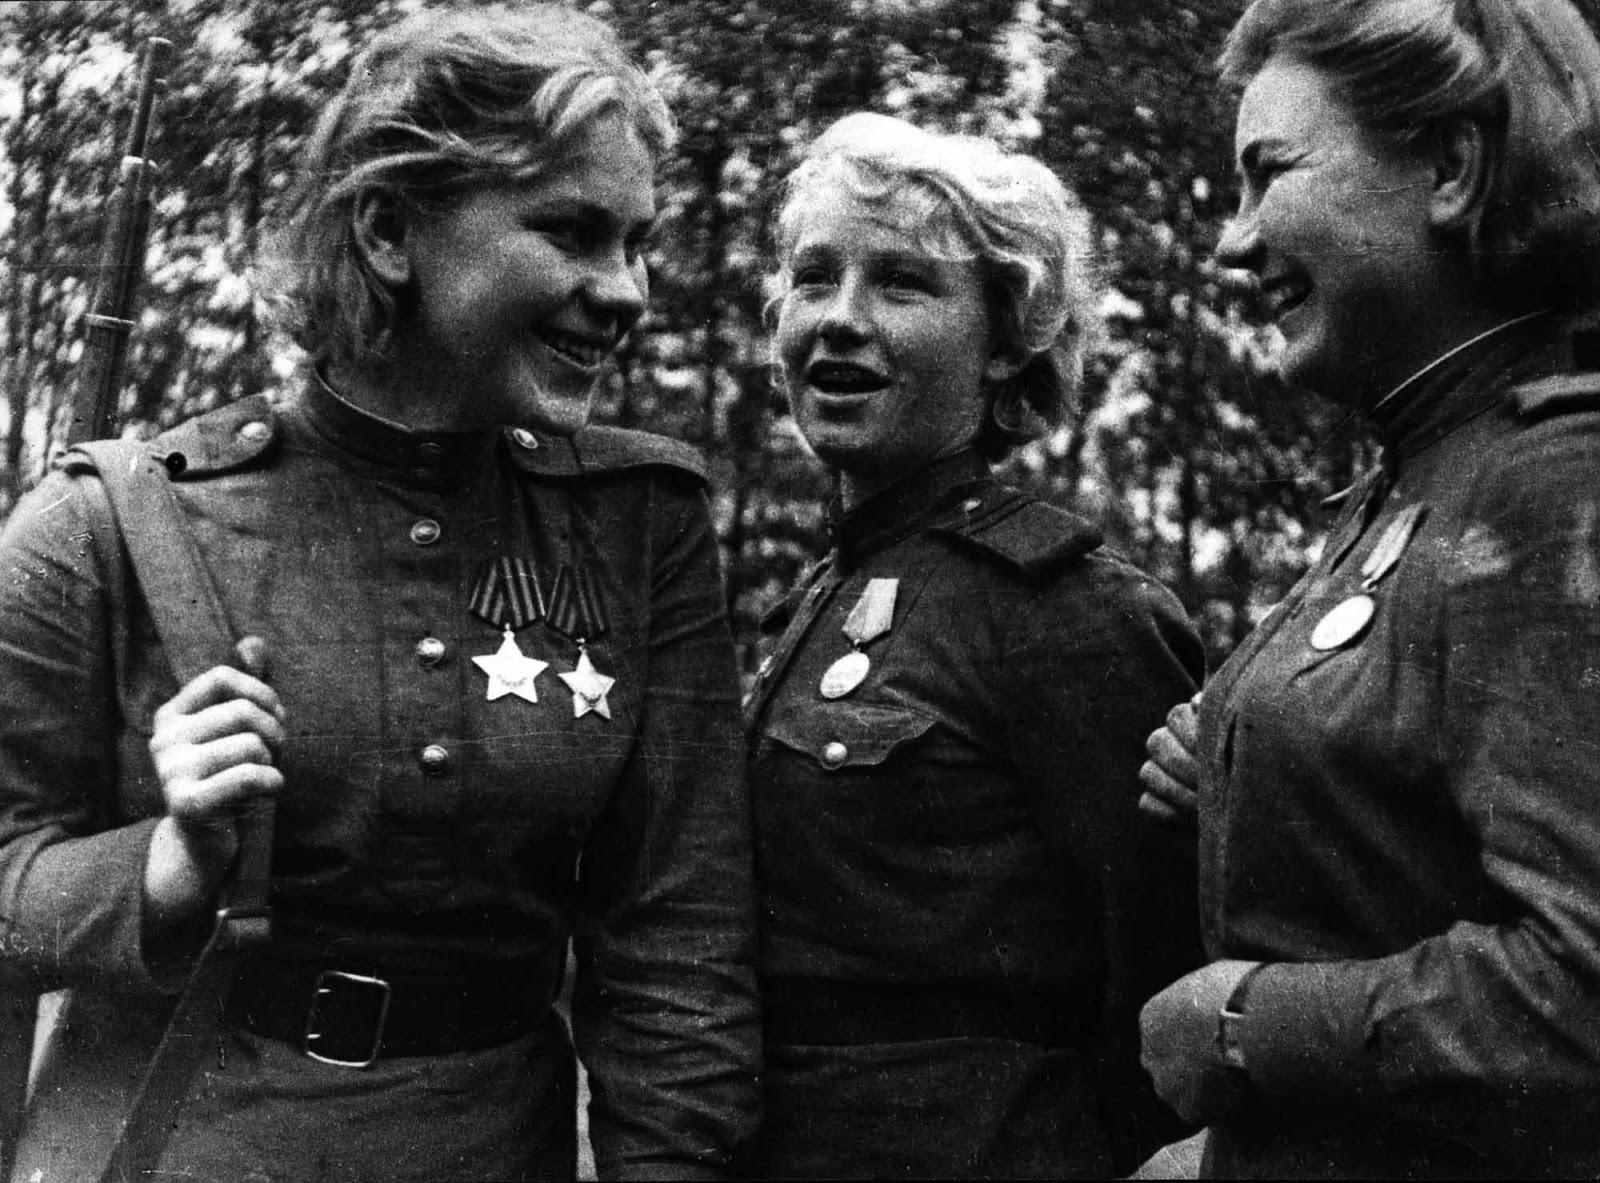 Roza Shanina, Lydia G. Vdovin and Alexndra Maksimovna Ekimova.